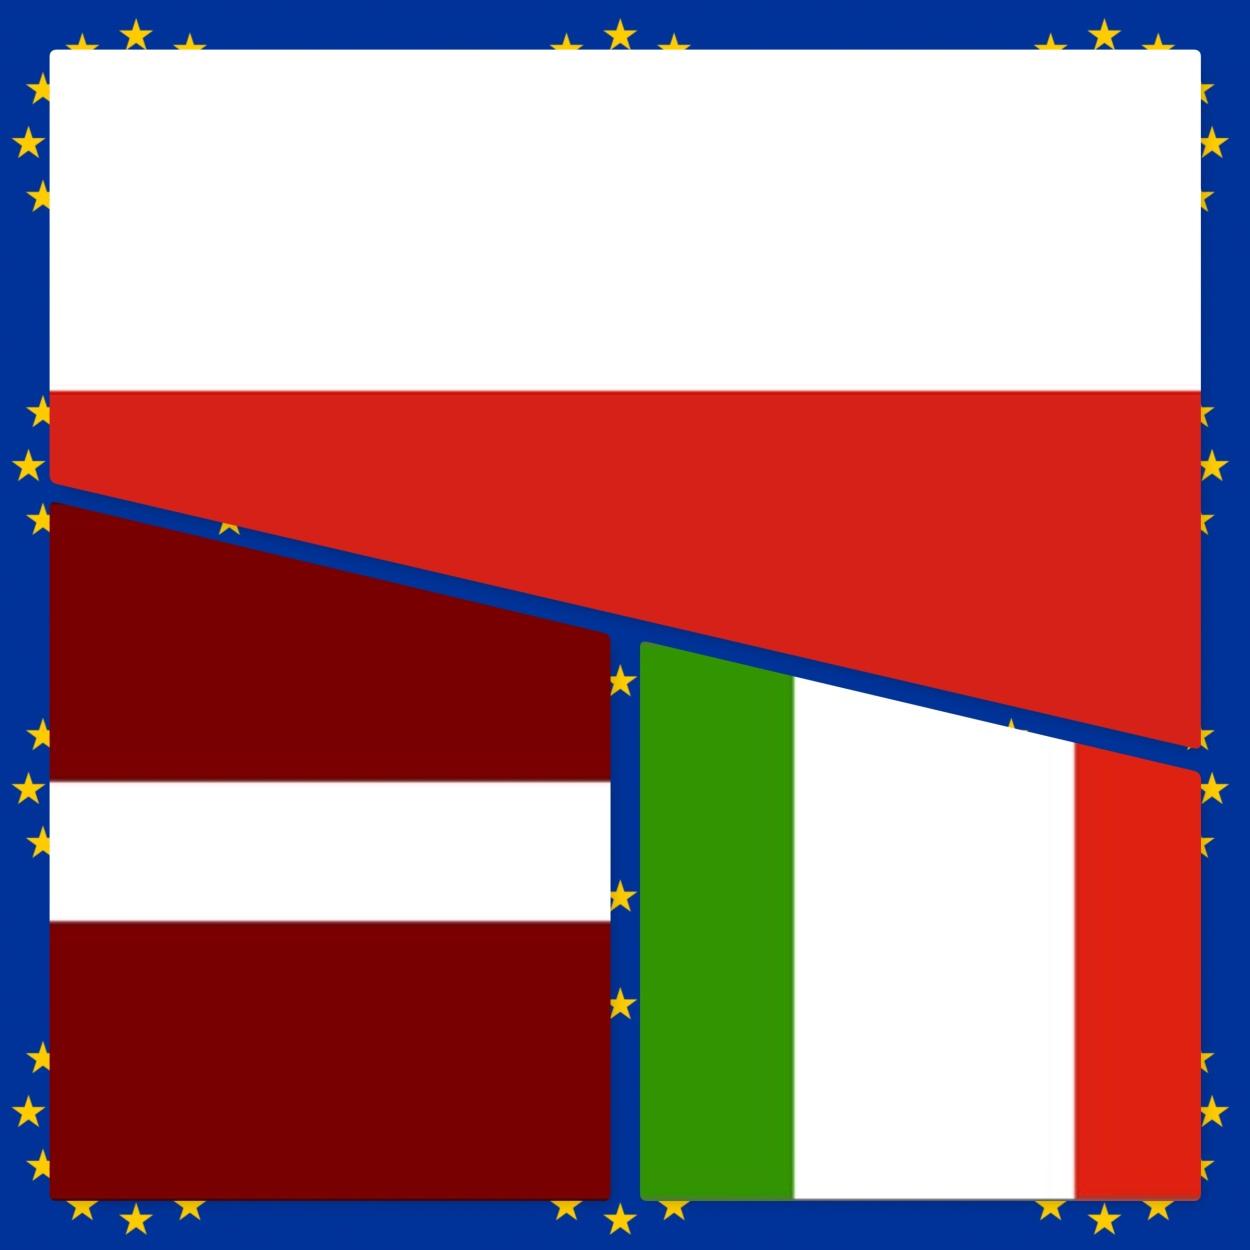 Sei mesi in Europa - secondo semestre 2011